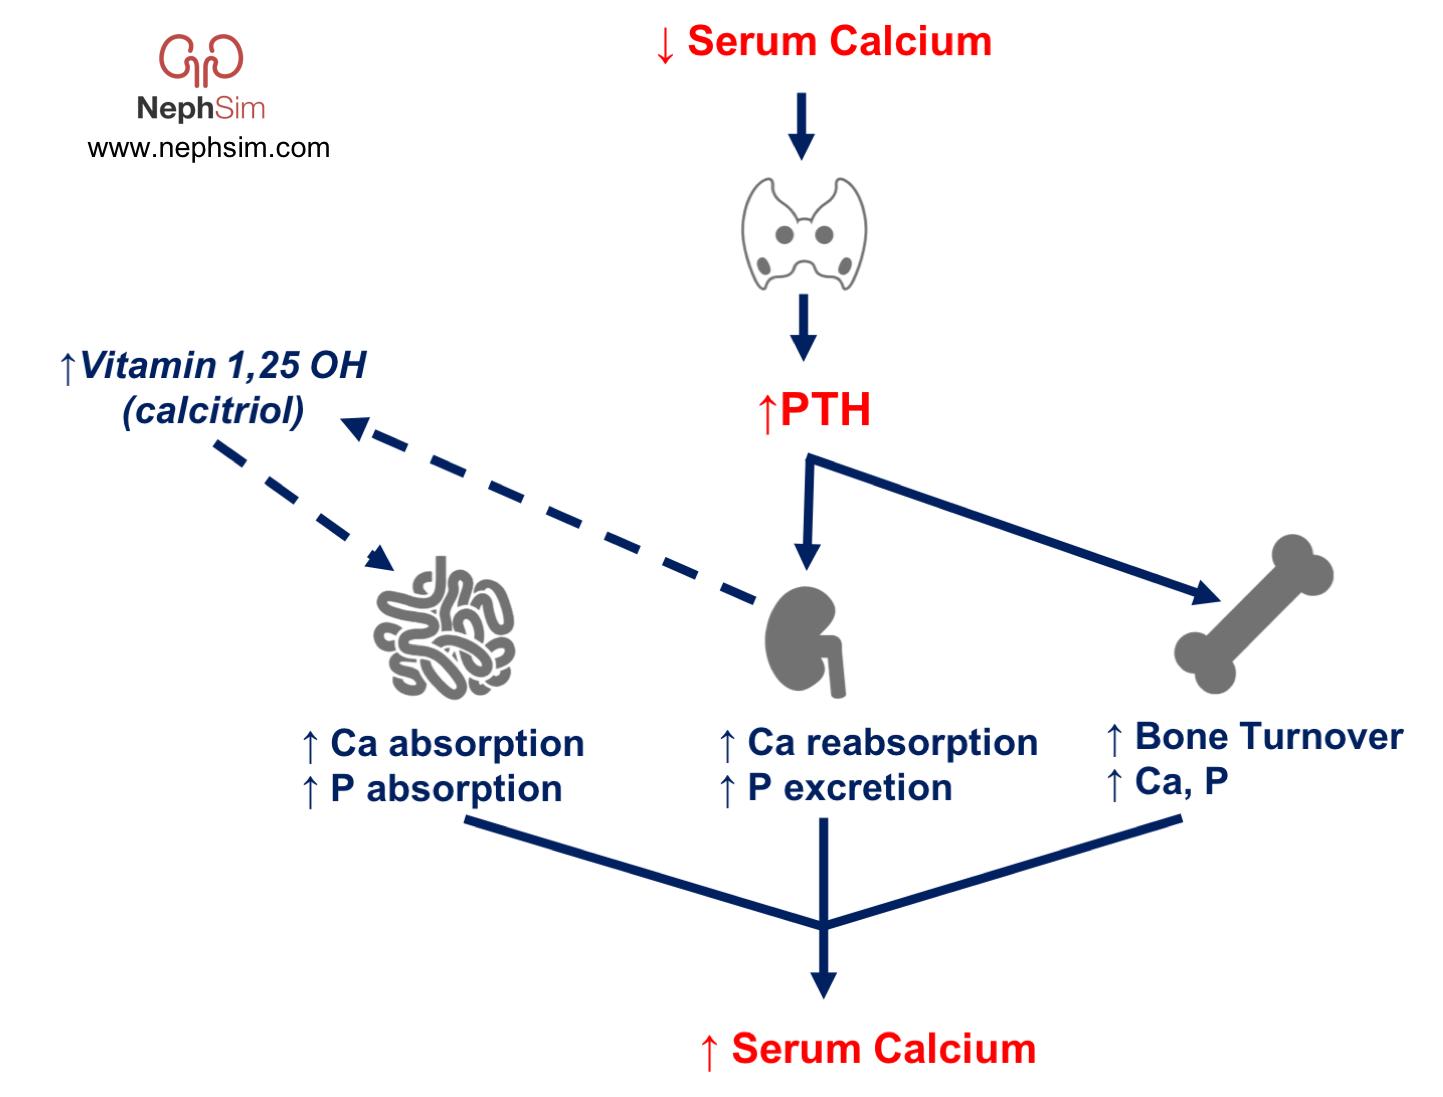 Calcium Homeostasis Serum Calcium - PTH - Vitamin D Regulation ...